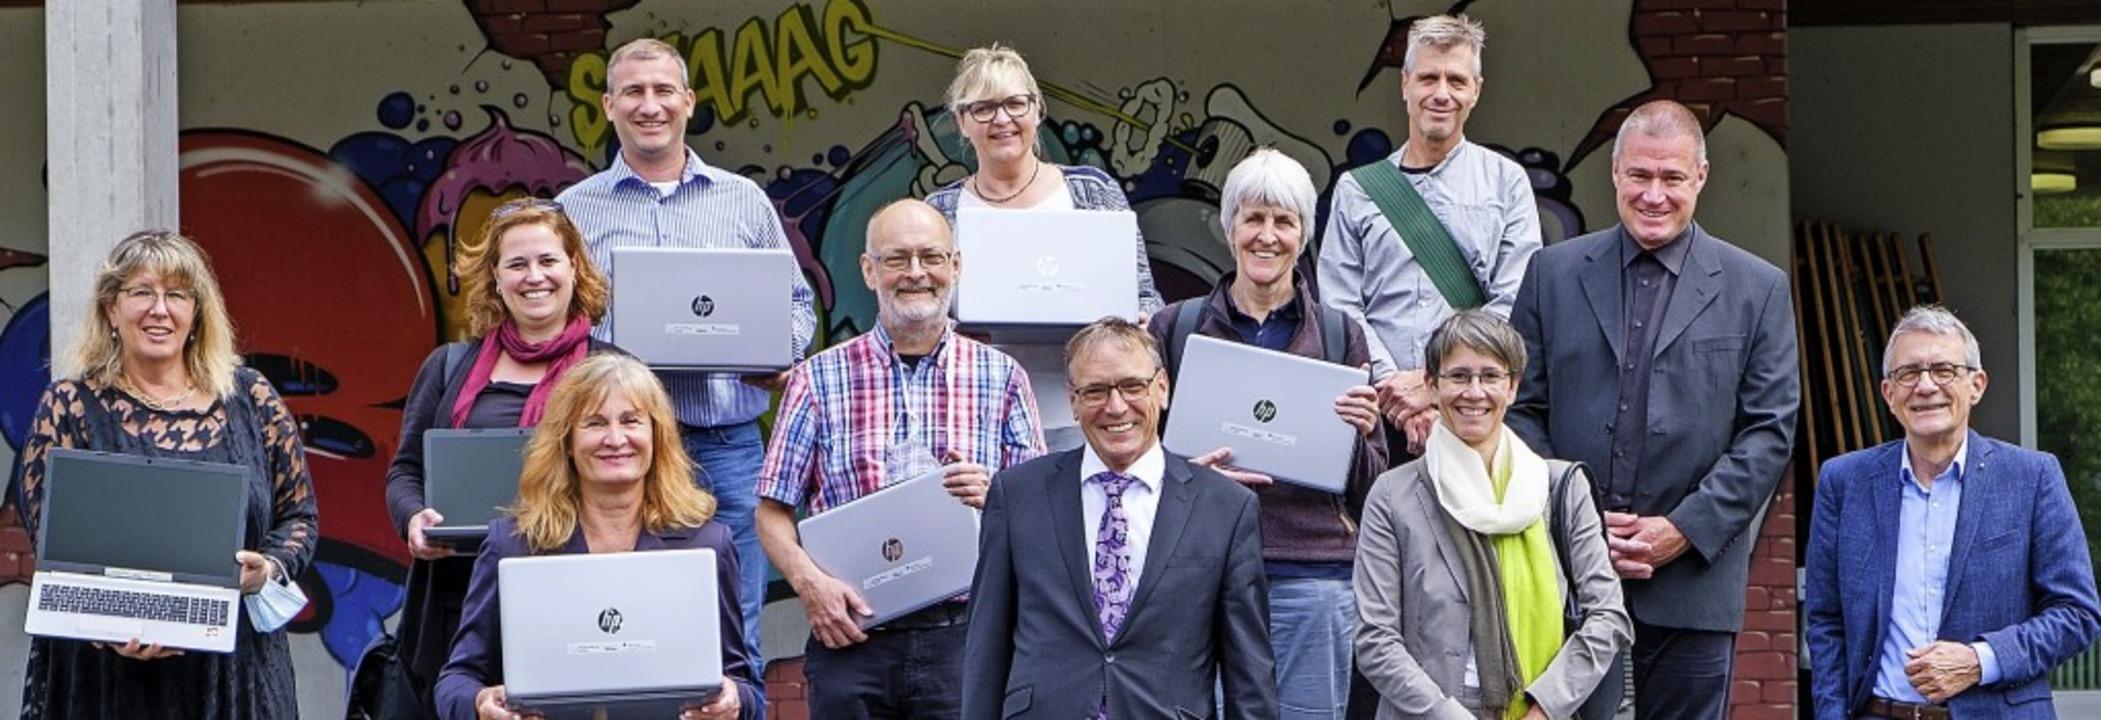 Die Übergabe von Laptops der Bürgerstiftung an sieben Lörracher Schulen.     Foto: Ansgar Taschinski